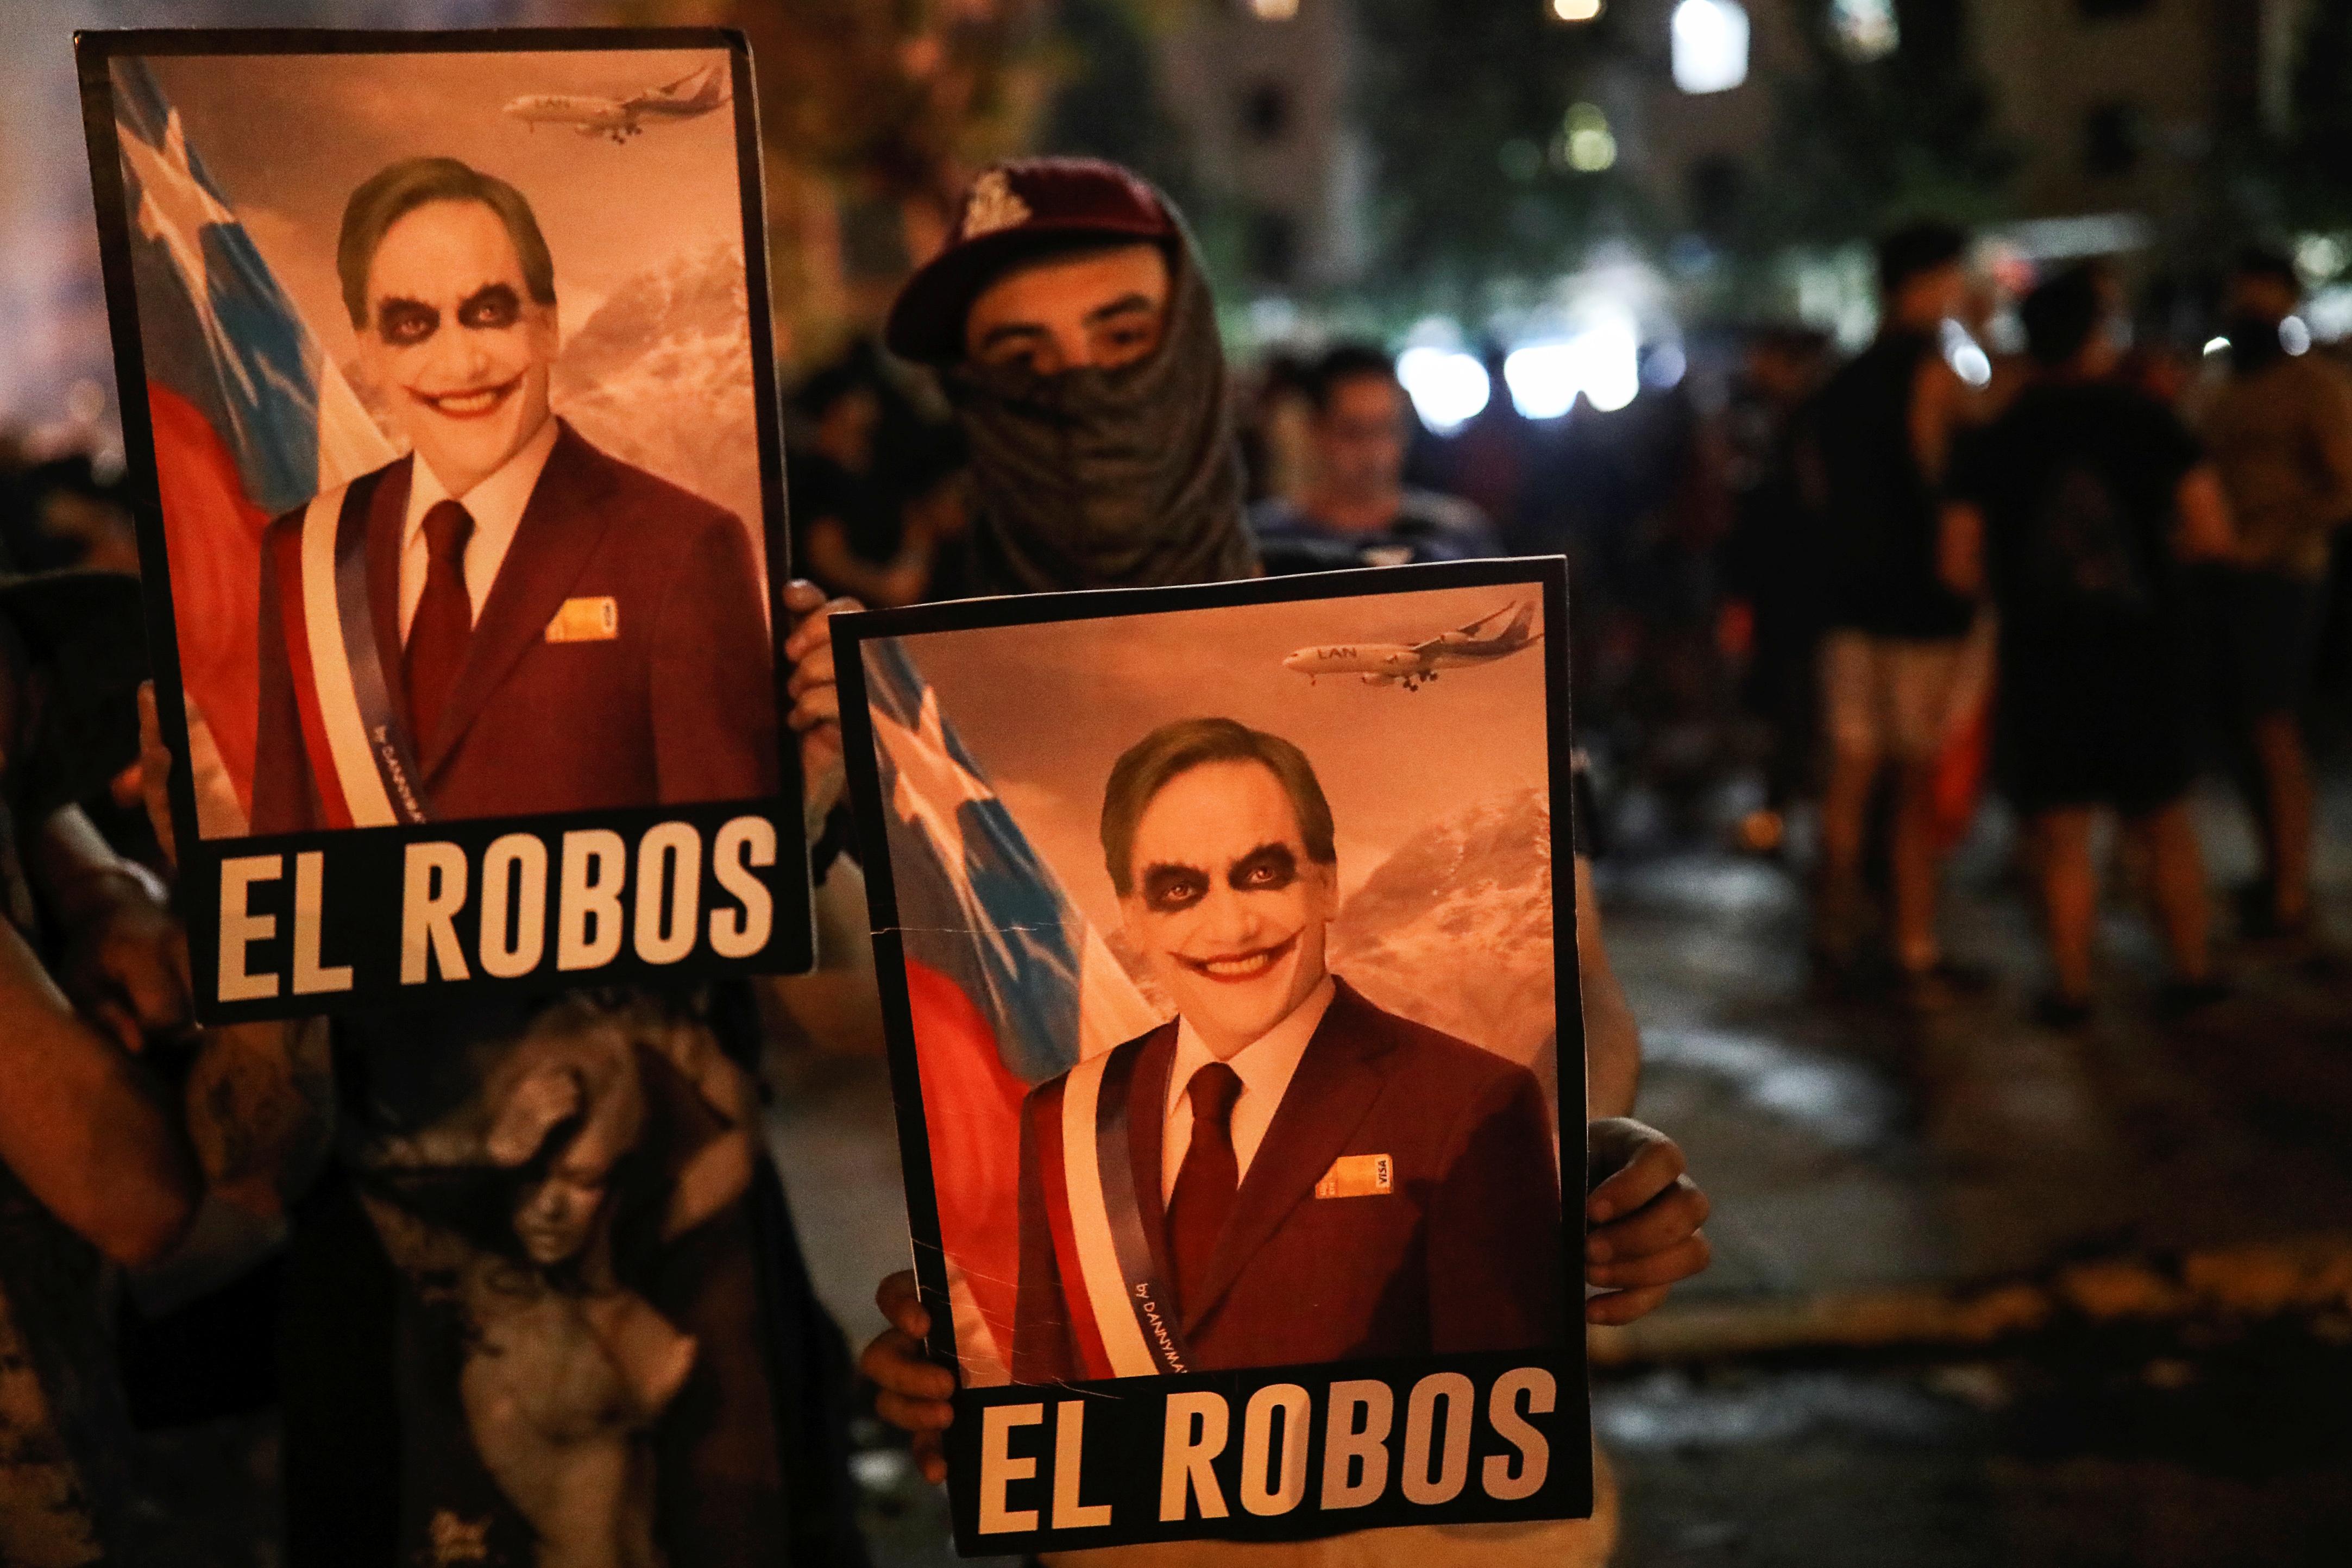 سنتياغو تشهد خروج مليون متظاهر ضد الحكومة في تشيلي